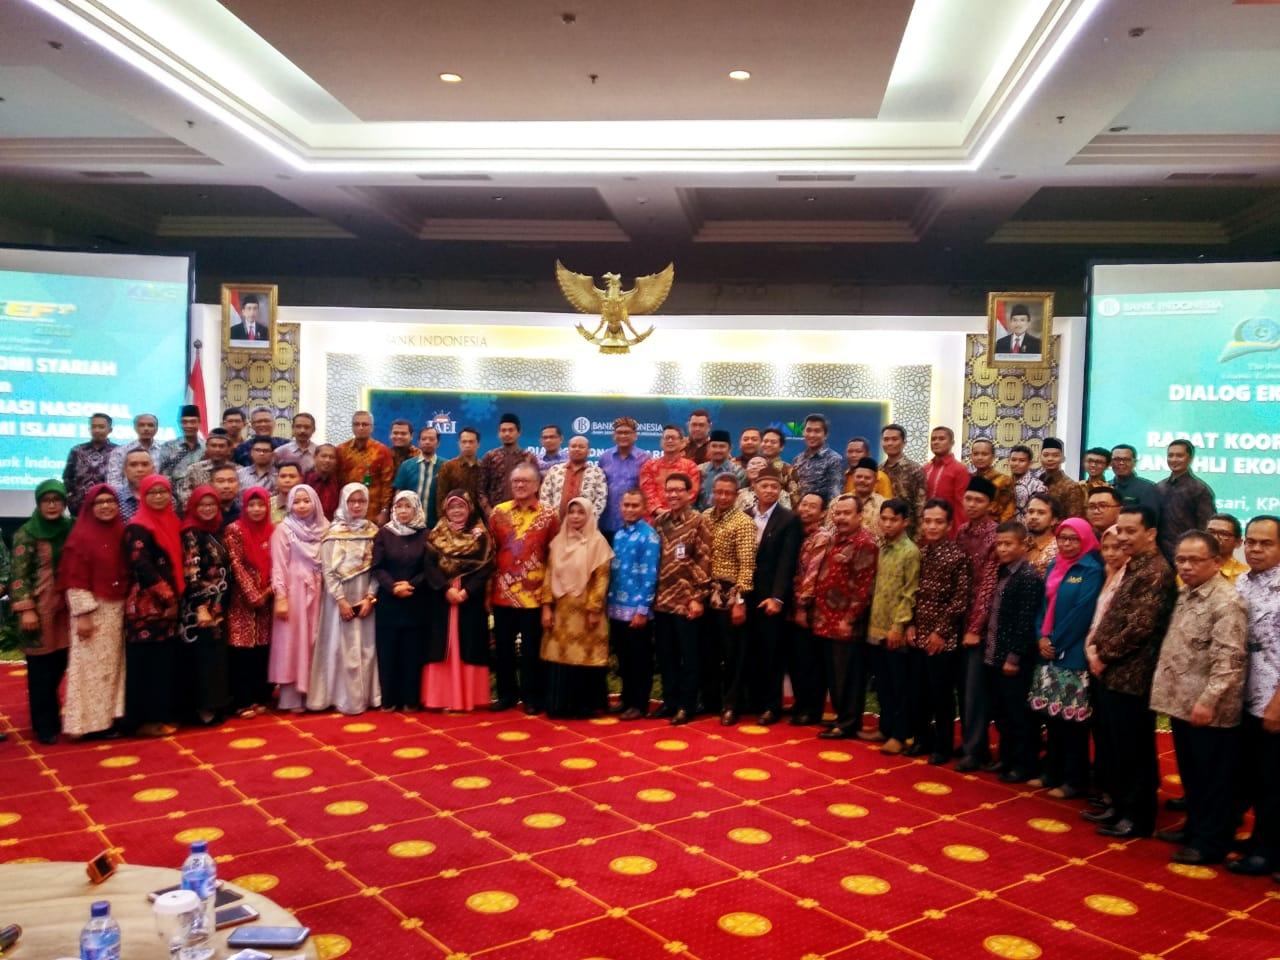 Dosen Ekonomi Syariah IKHAC Mengikuti Rakornas IAEI, Penguatan Kerjasama dengan Lembaga Perguruan Tinggi di Indonesia